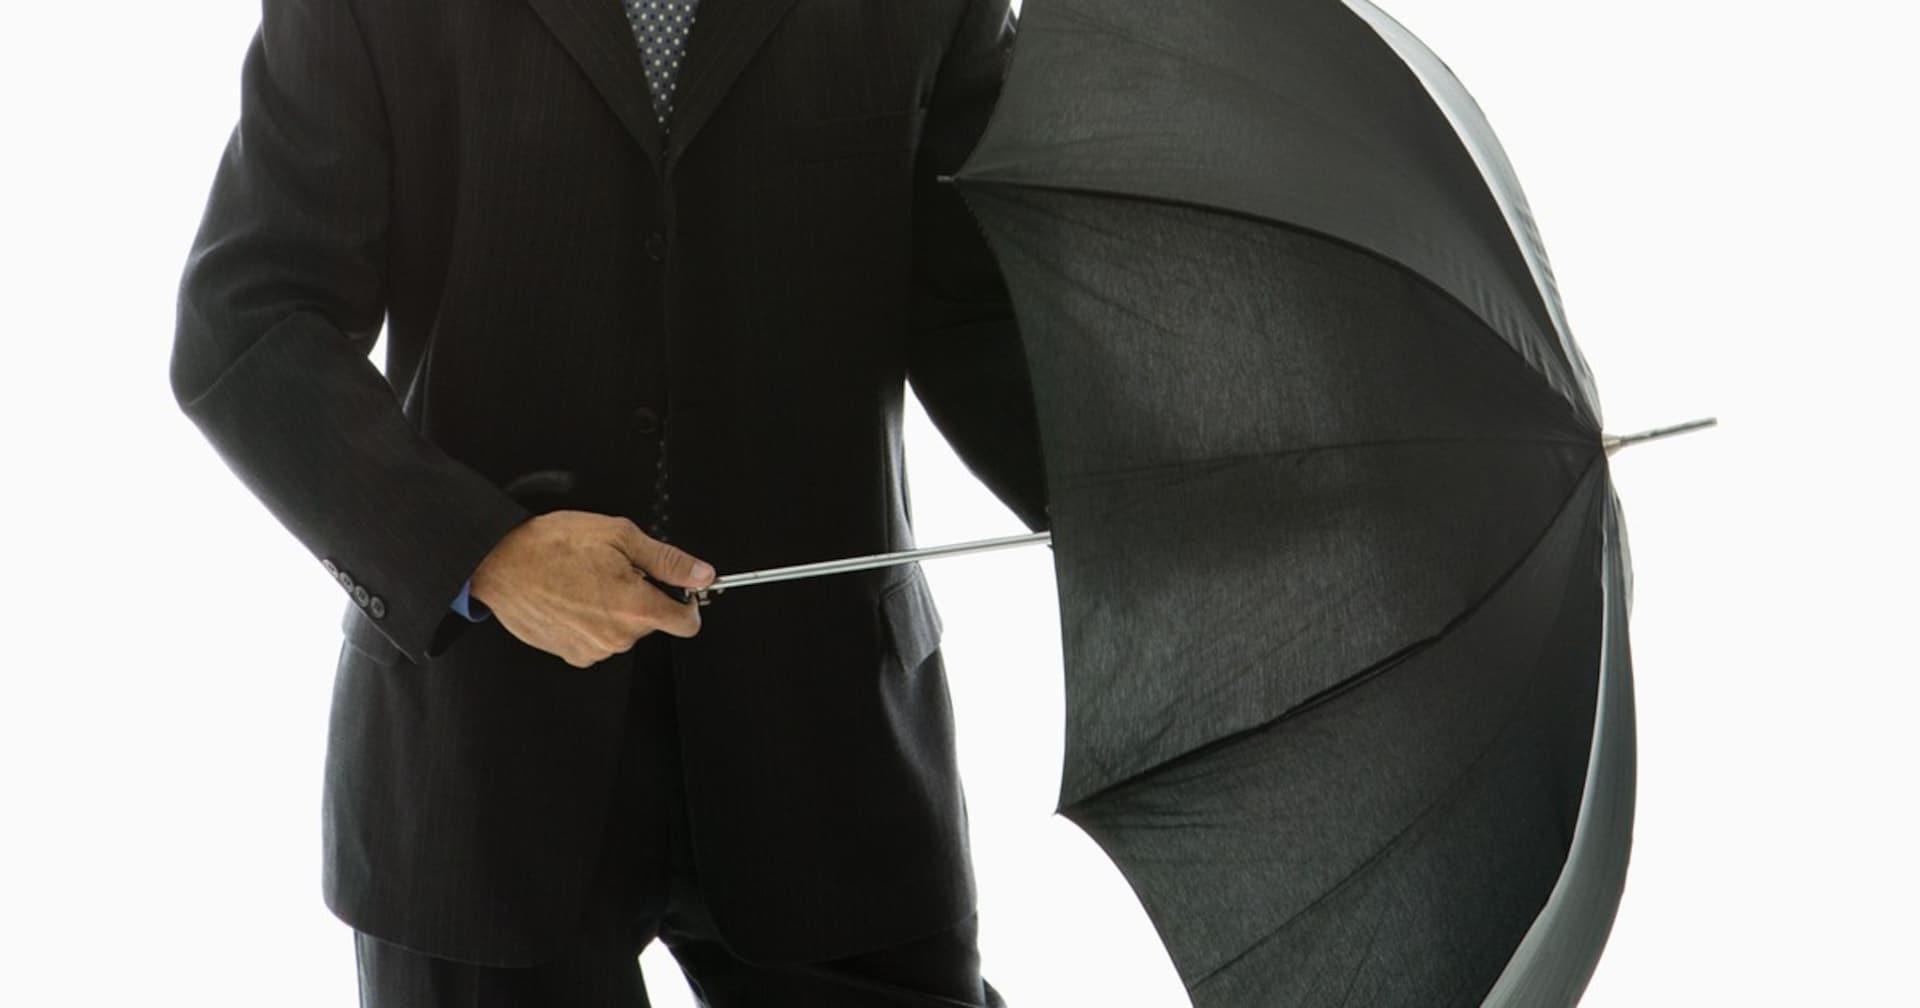 危険すぎる「傘の横持ち」に弁護士が警告! 5000万円以上の賠償金の可能性も…